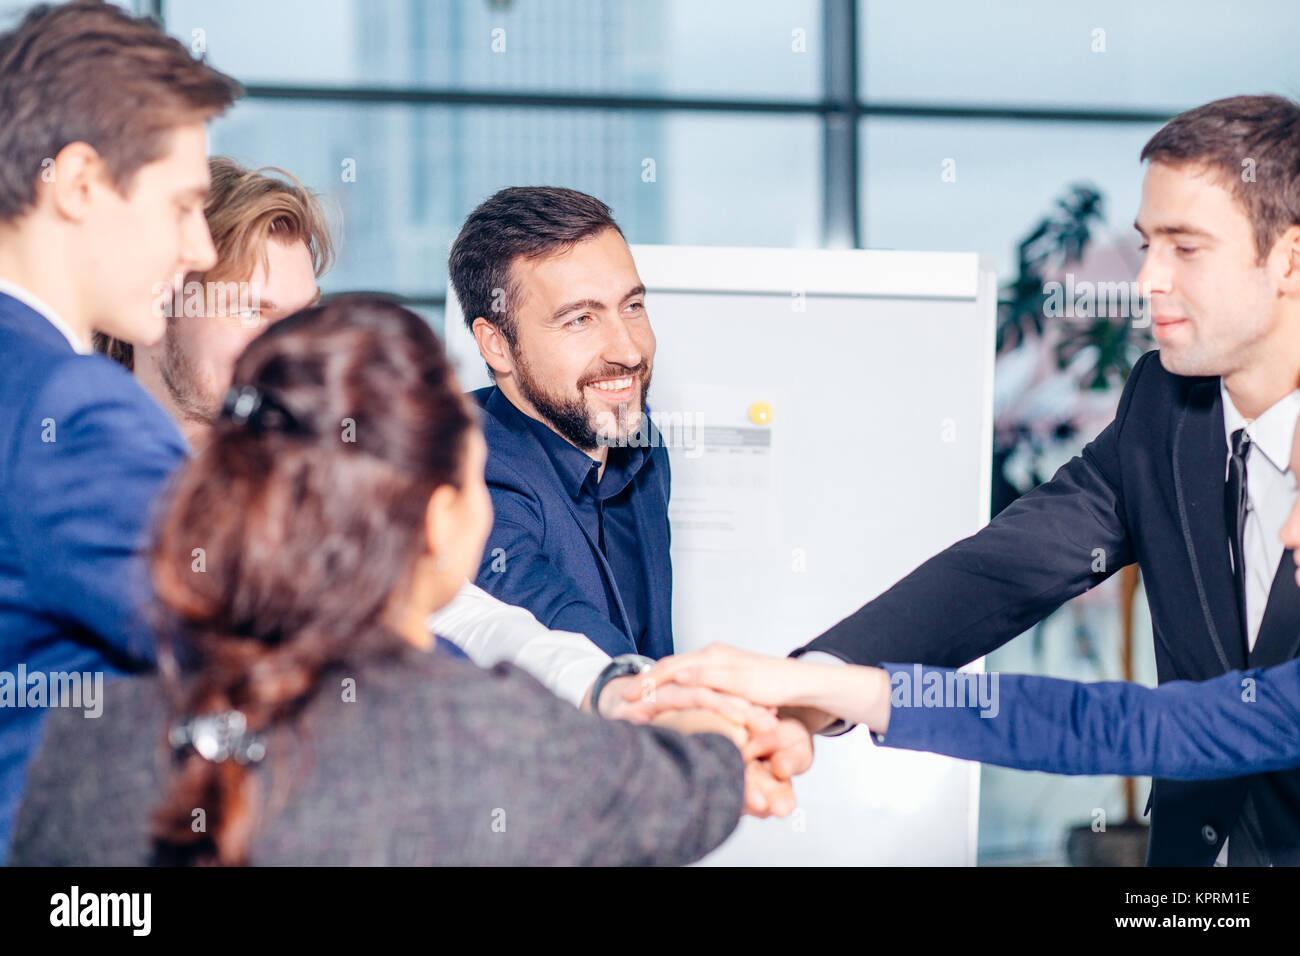 Menschen Teamwork Zusammenarbeit Beziehung Geschäftskonzept Stockbild